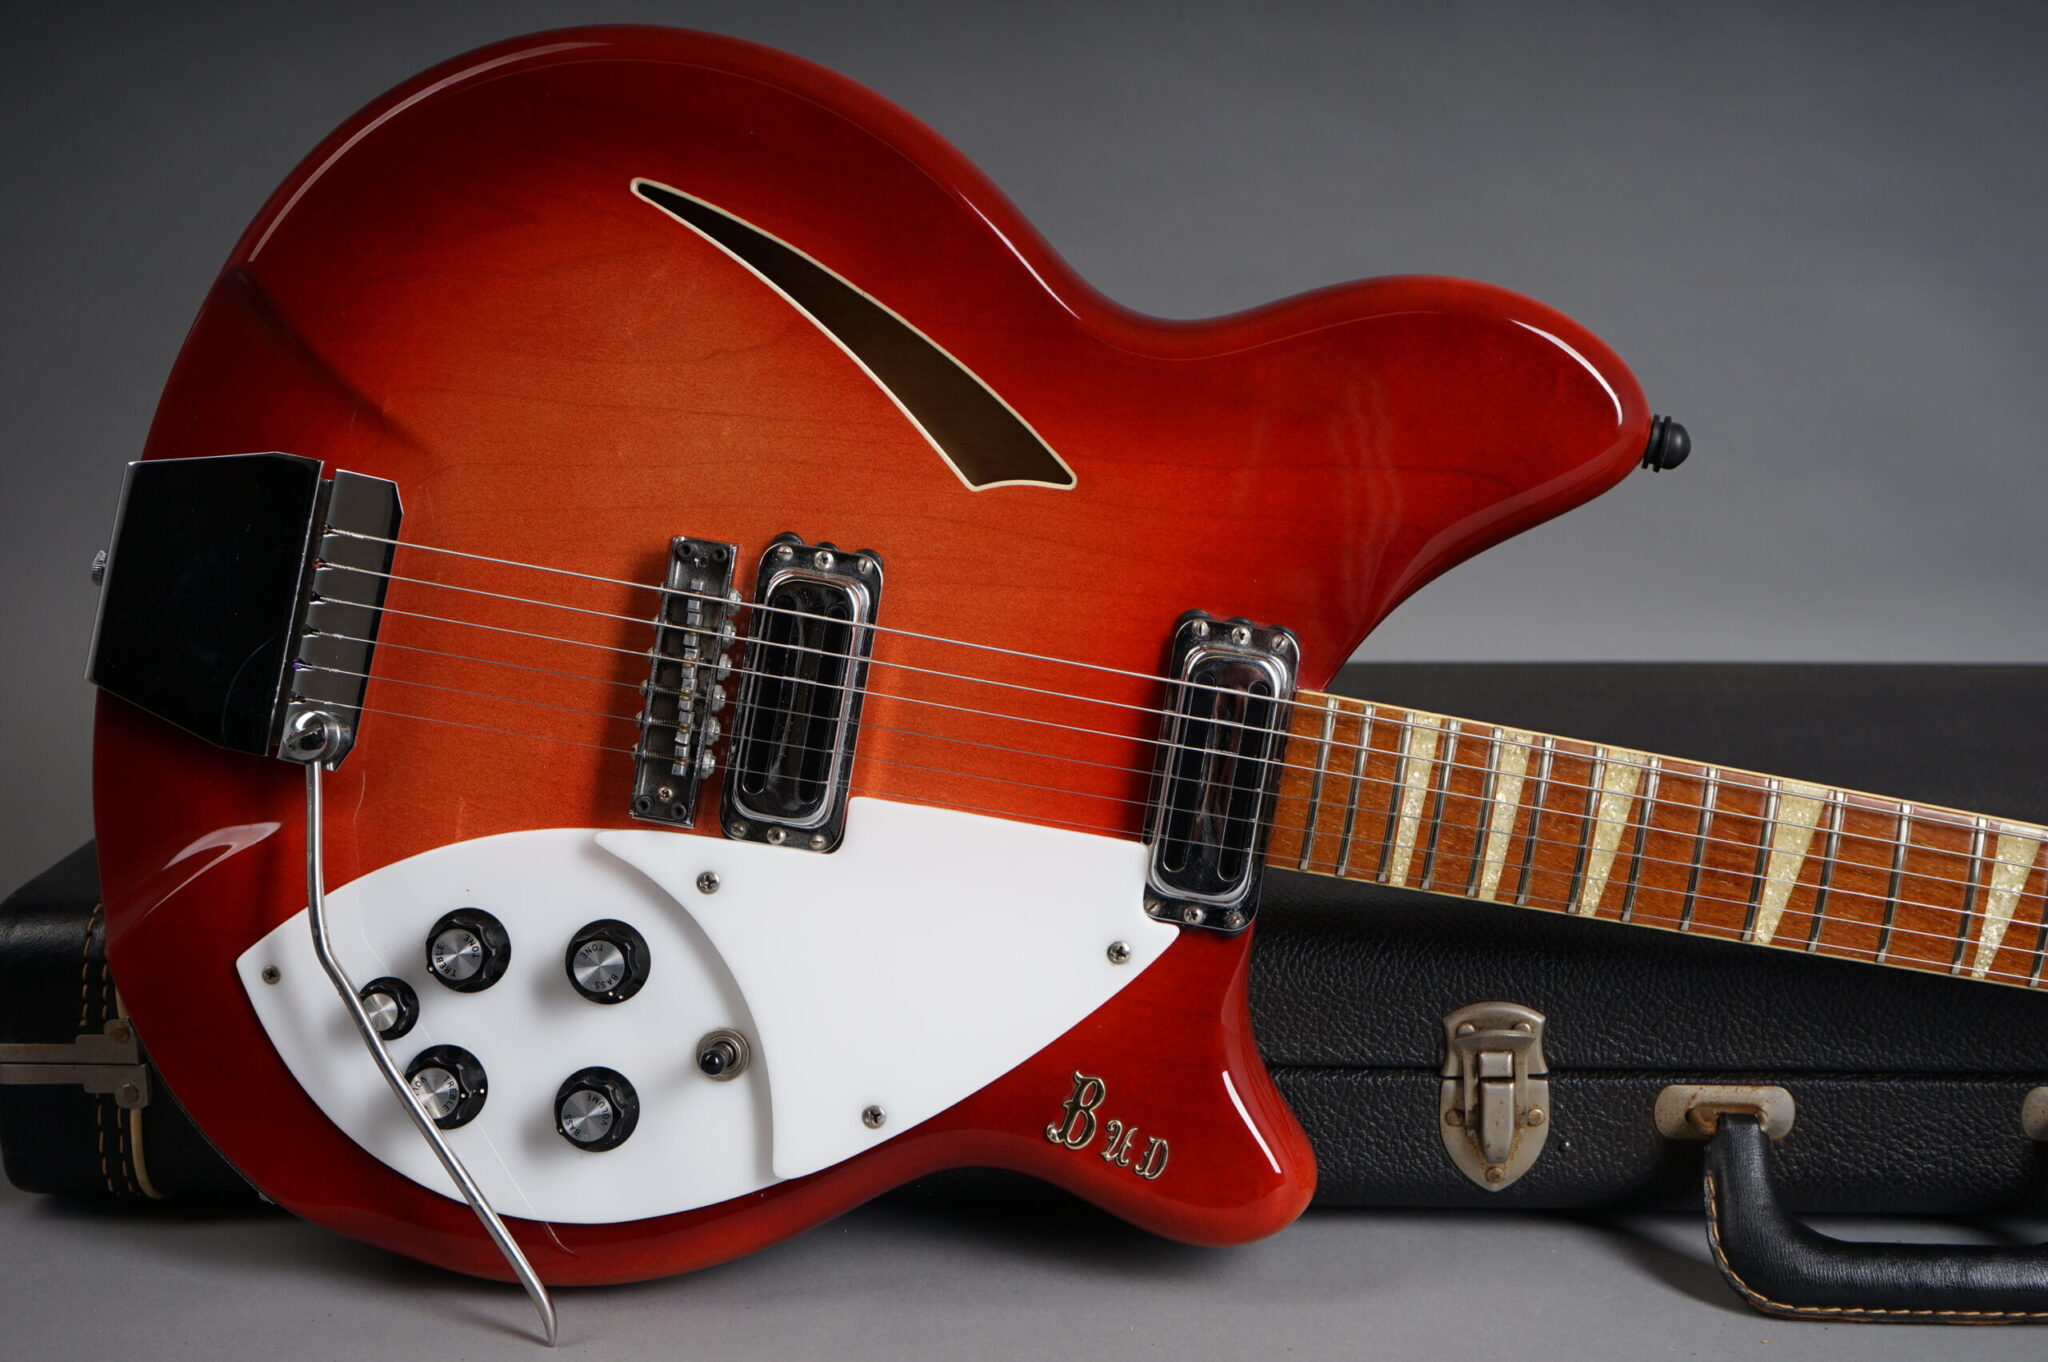 https://guitarpoint.de/app/uploads/products/1968-rickenbacker-365-fireglo/1968-Rickenbacker-3654-HJ1577-8-scaled-2048x1362.jpg